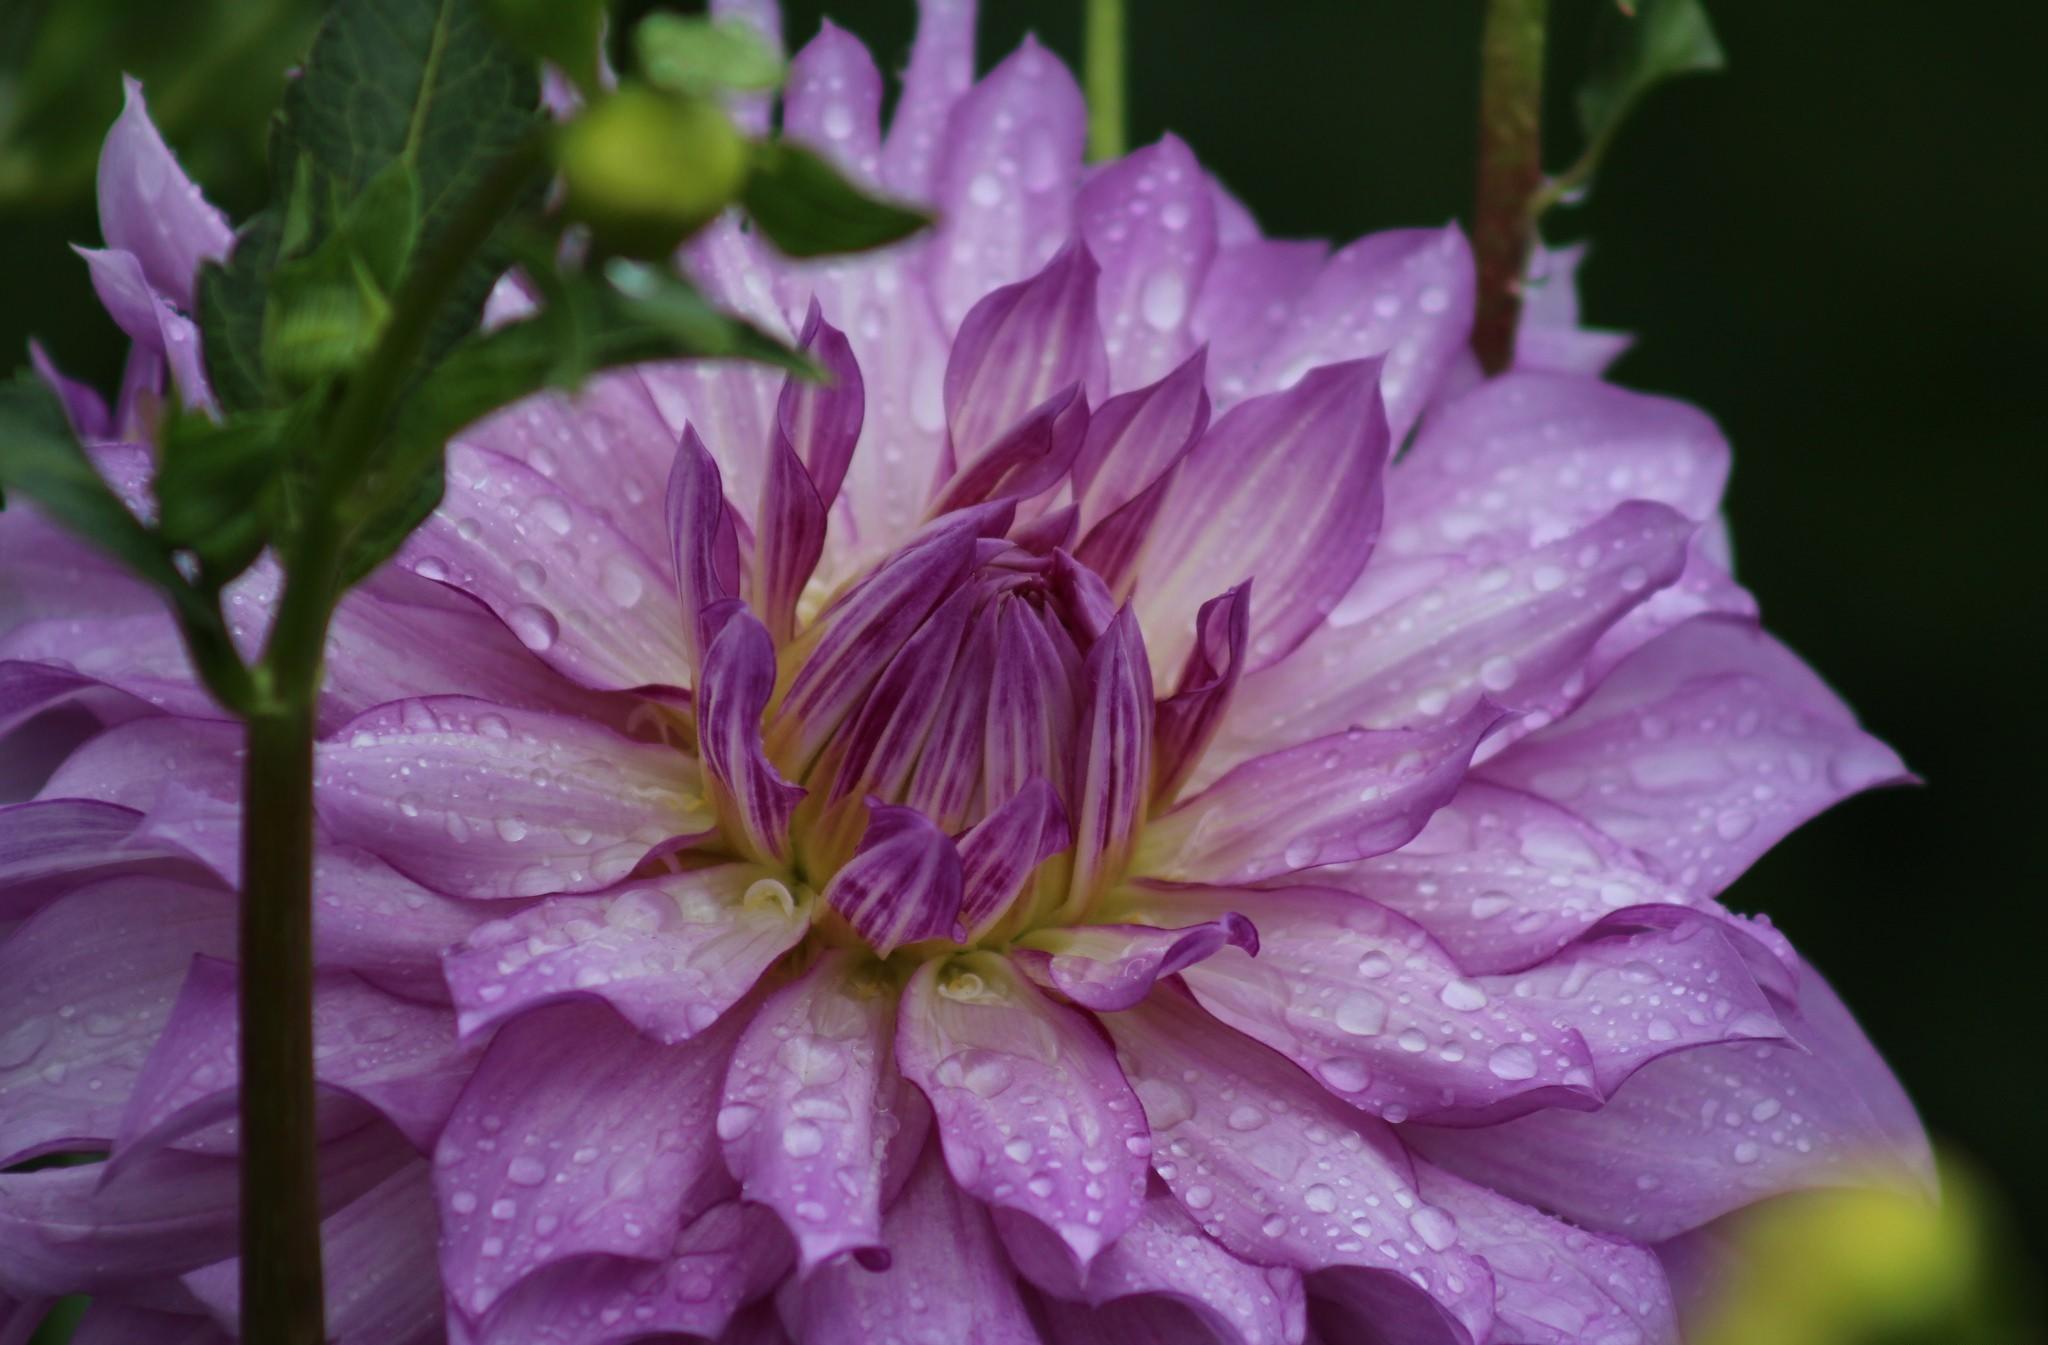 георгина цветок капли бесплатно